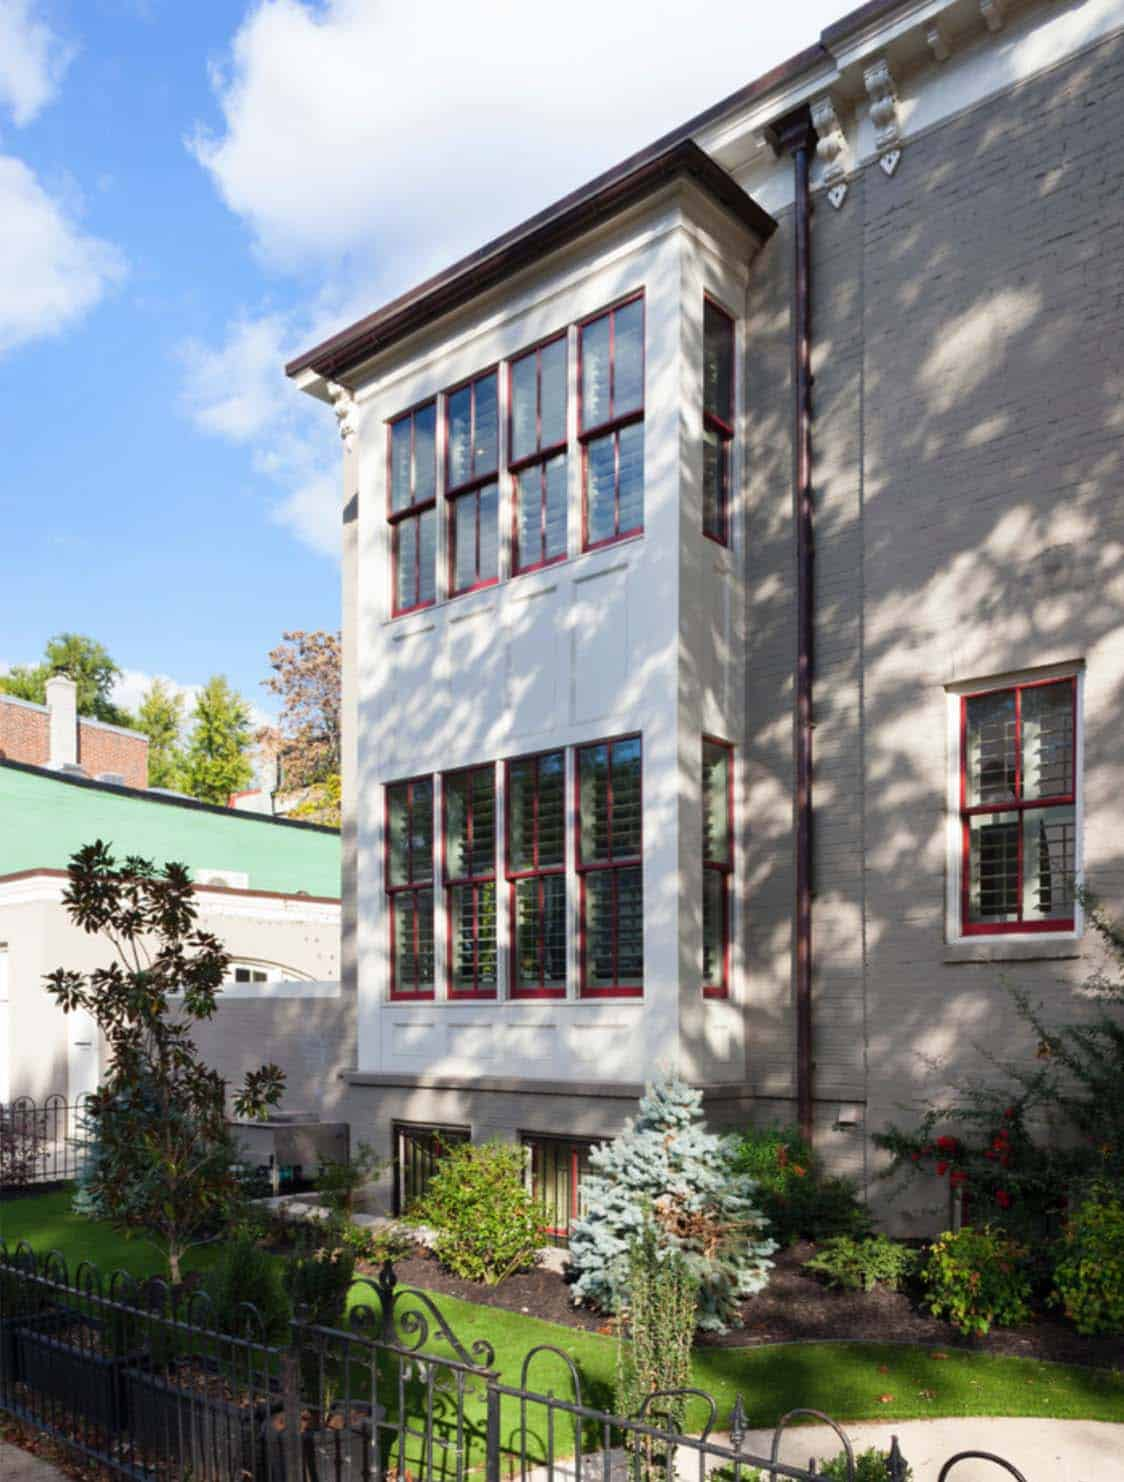 Rénovation de maison de style transitionnel-Lawlor Architects-14-1 Kindesign